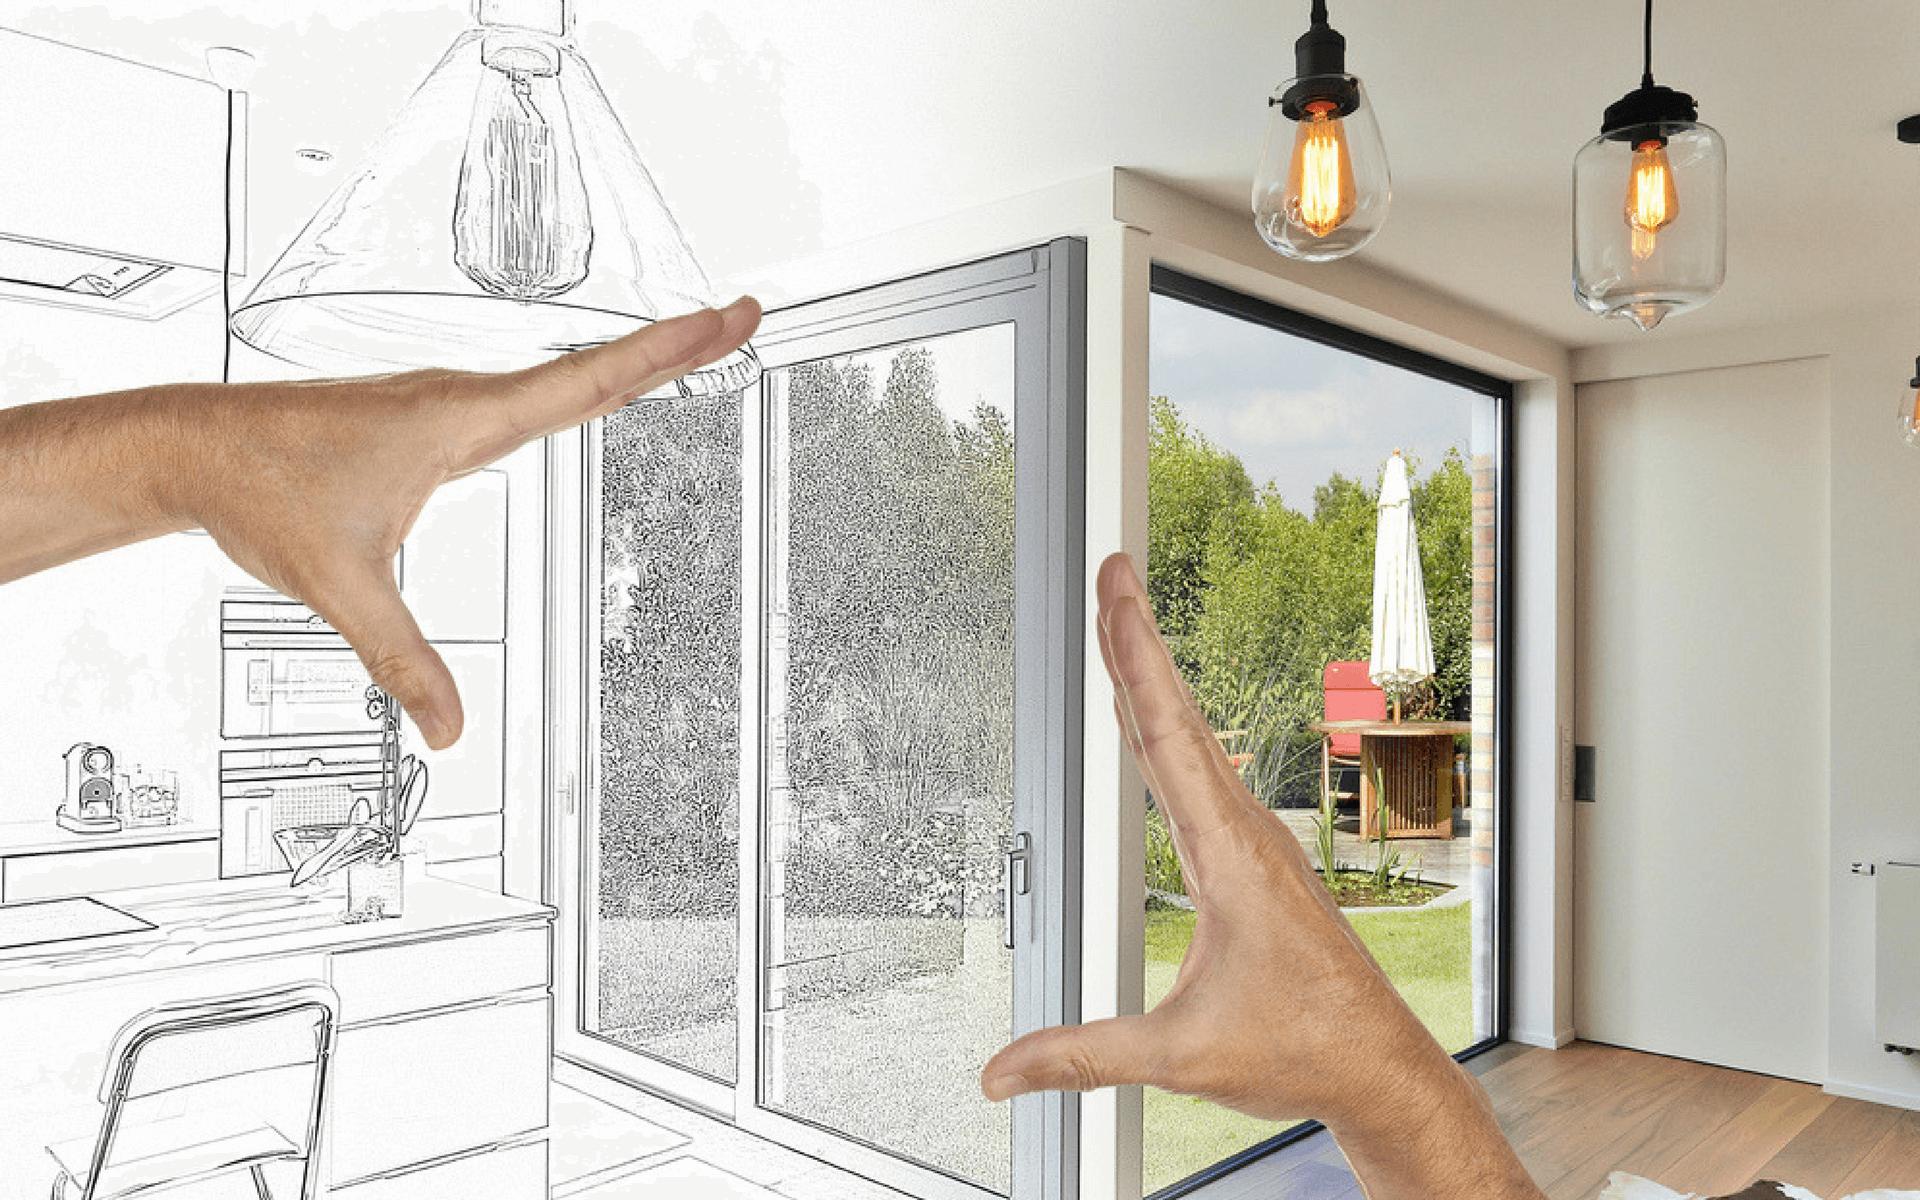 Rifacimento Bagno Casa In Affitto : Come ristrutturare la casa per affittarla oknoplast